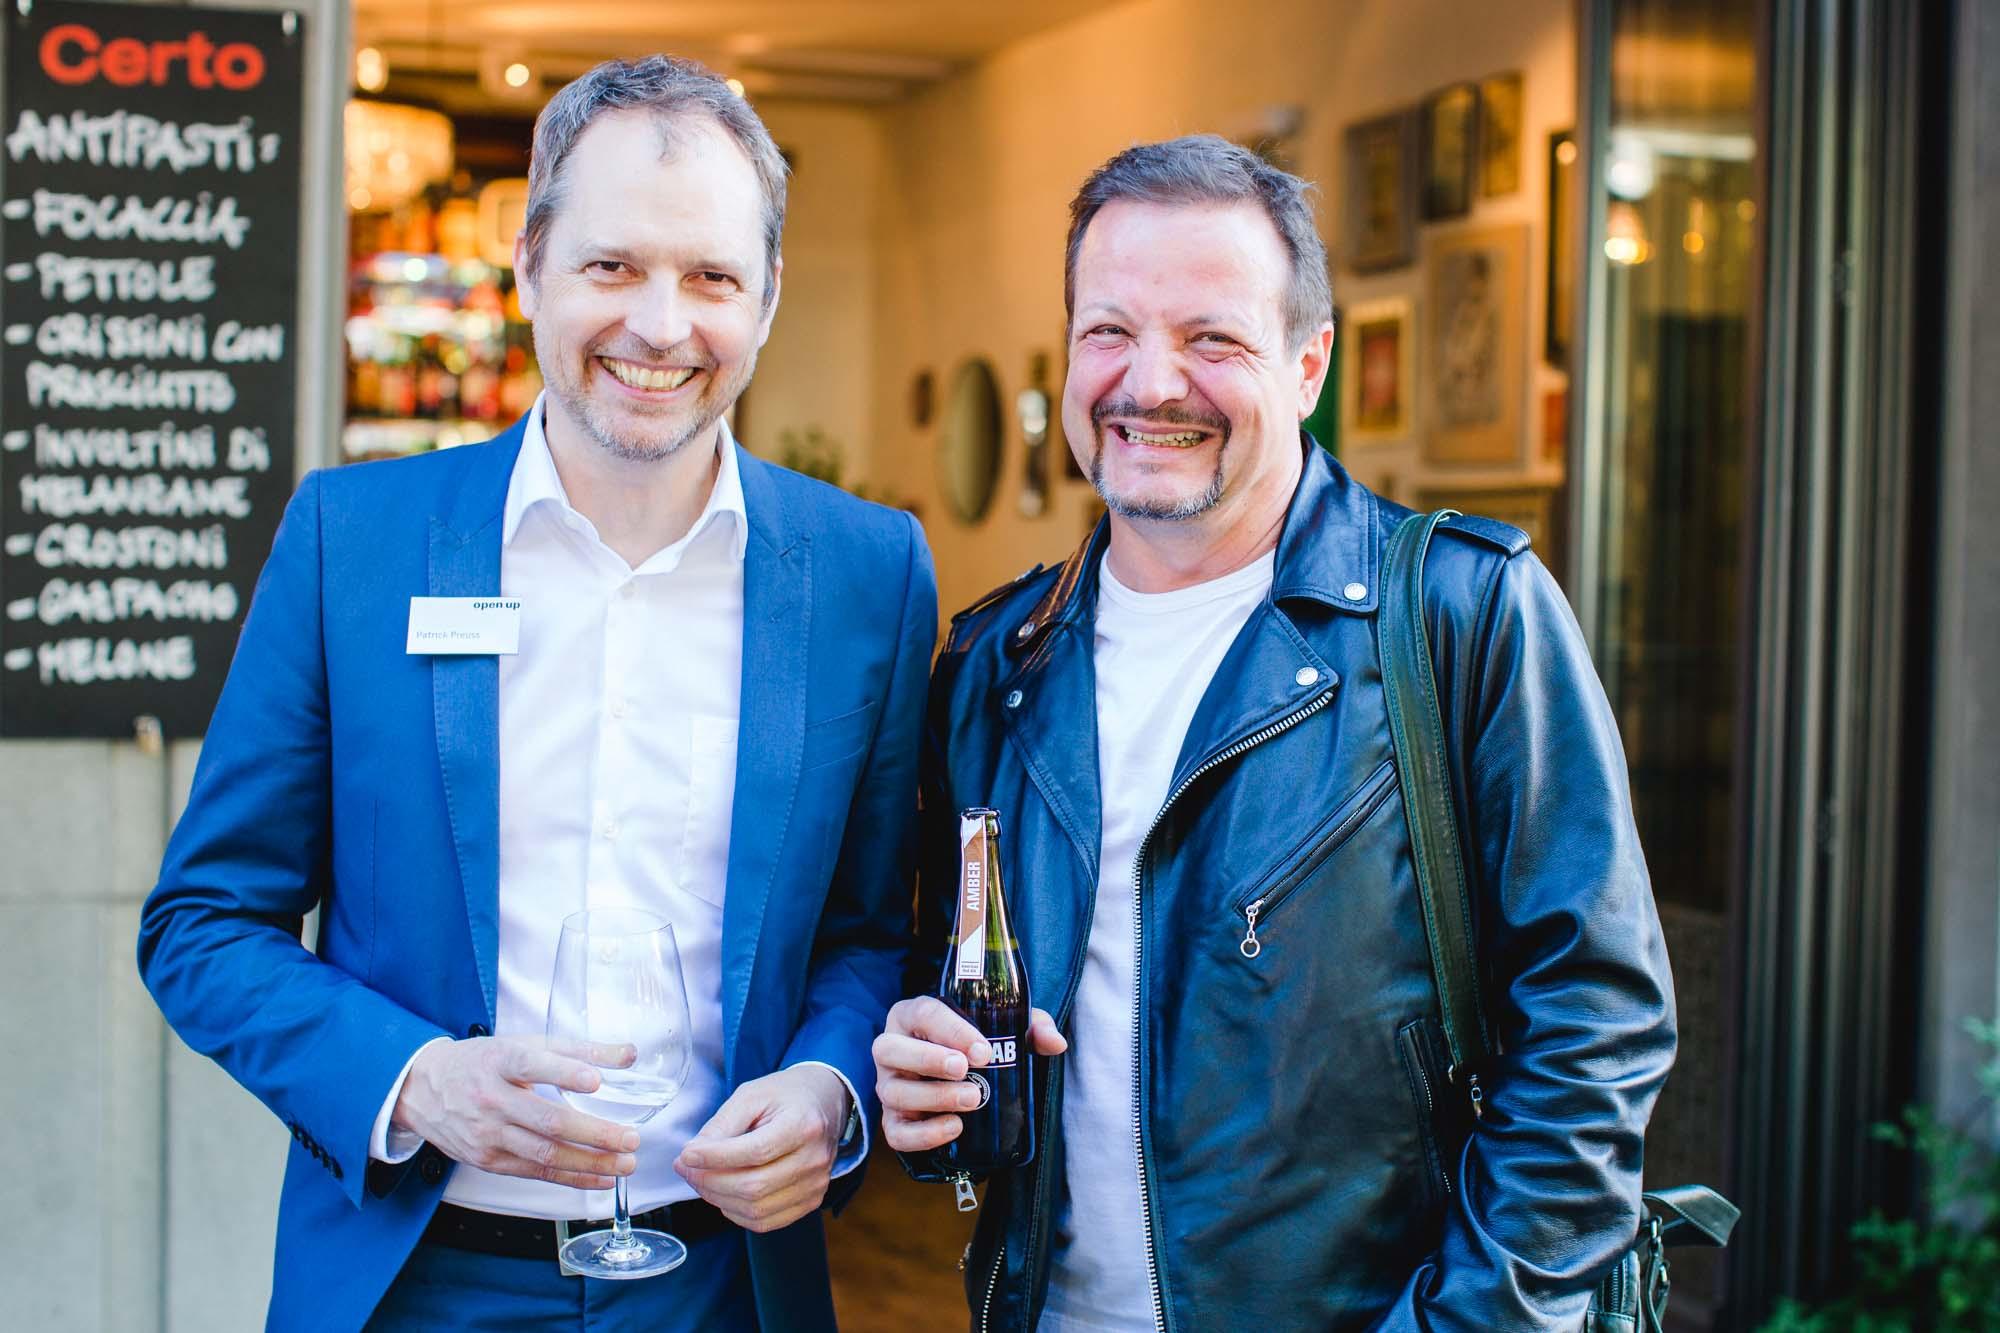 Patrick Preuss and Geri Krischker